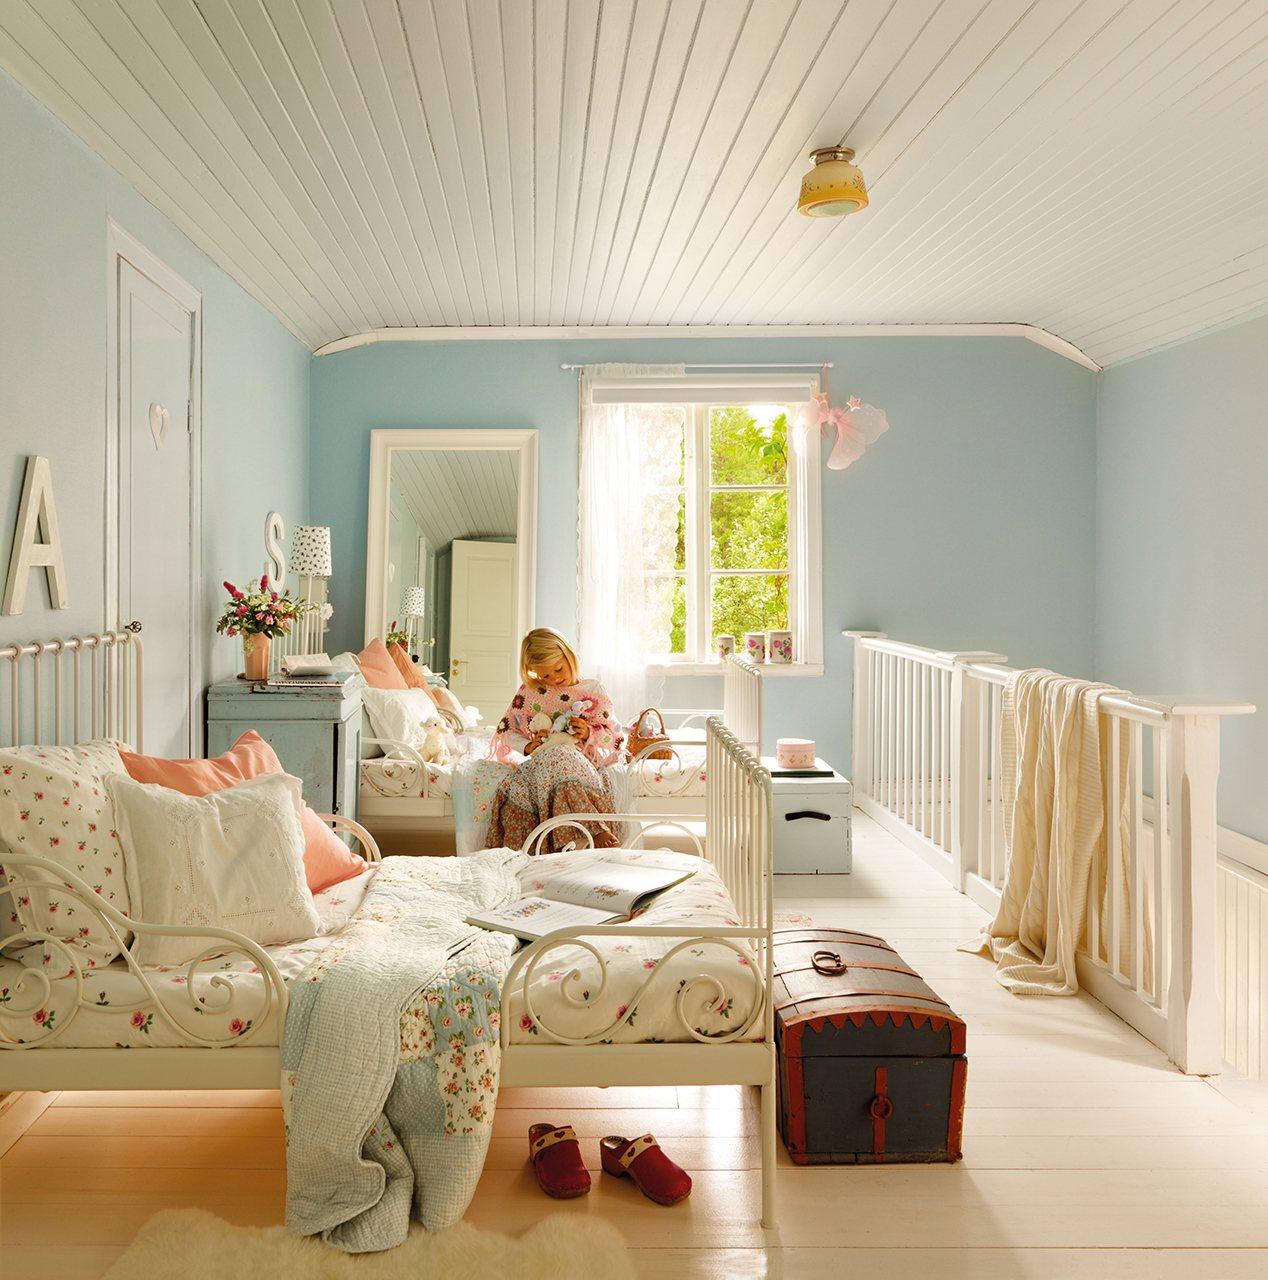 Dormitorios juveniles con encanto dormitorio country with - Dormitorio con encanto ...